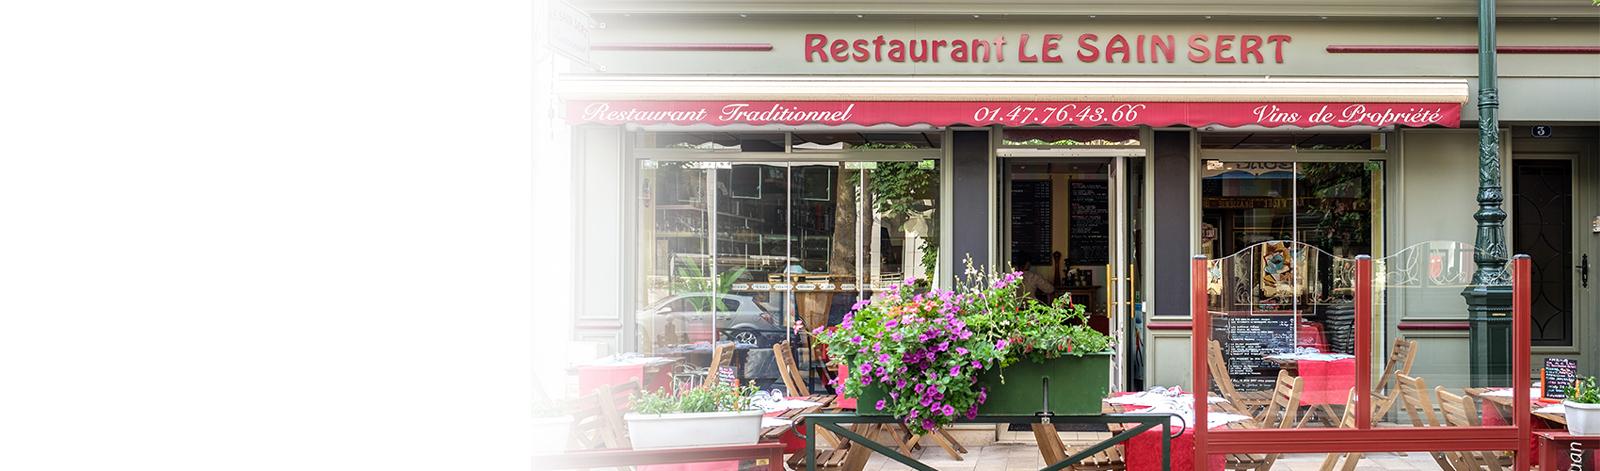 restaurant-lesainsert-terrasse